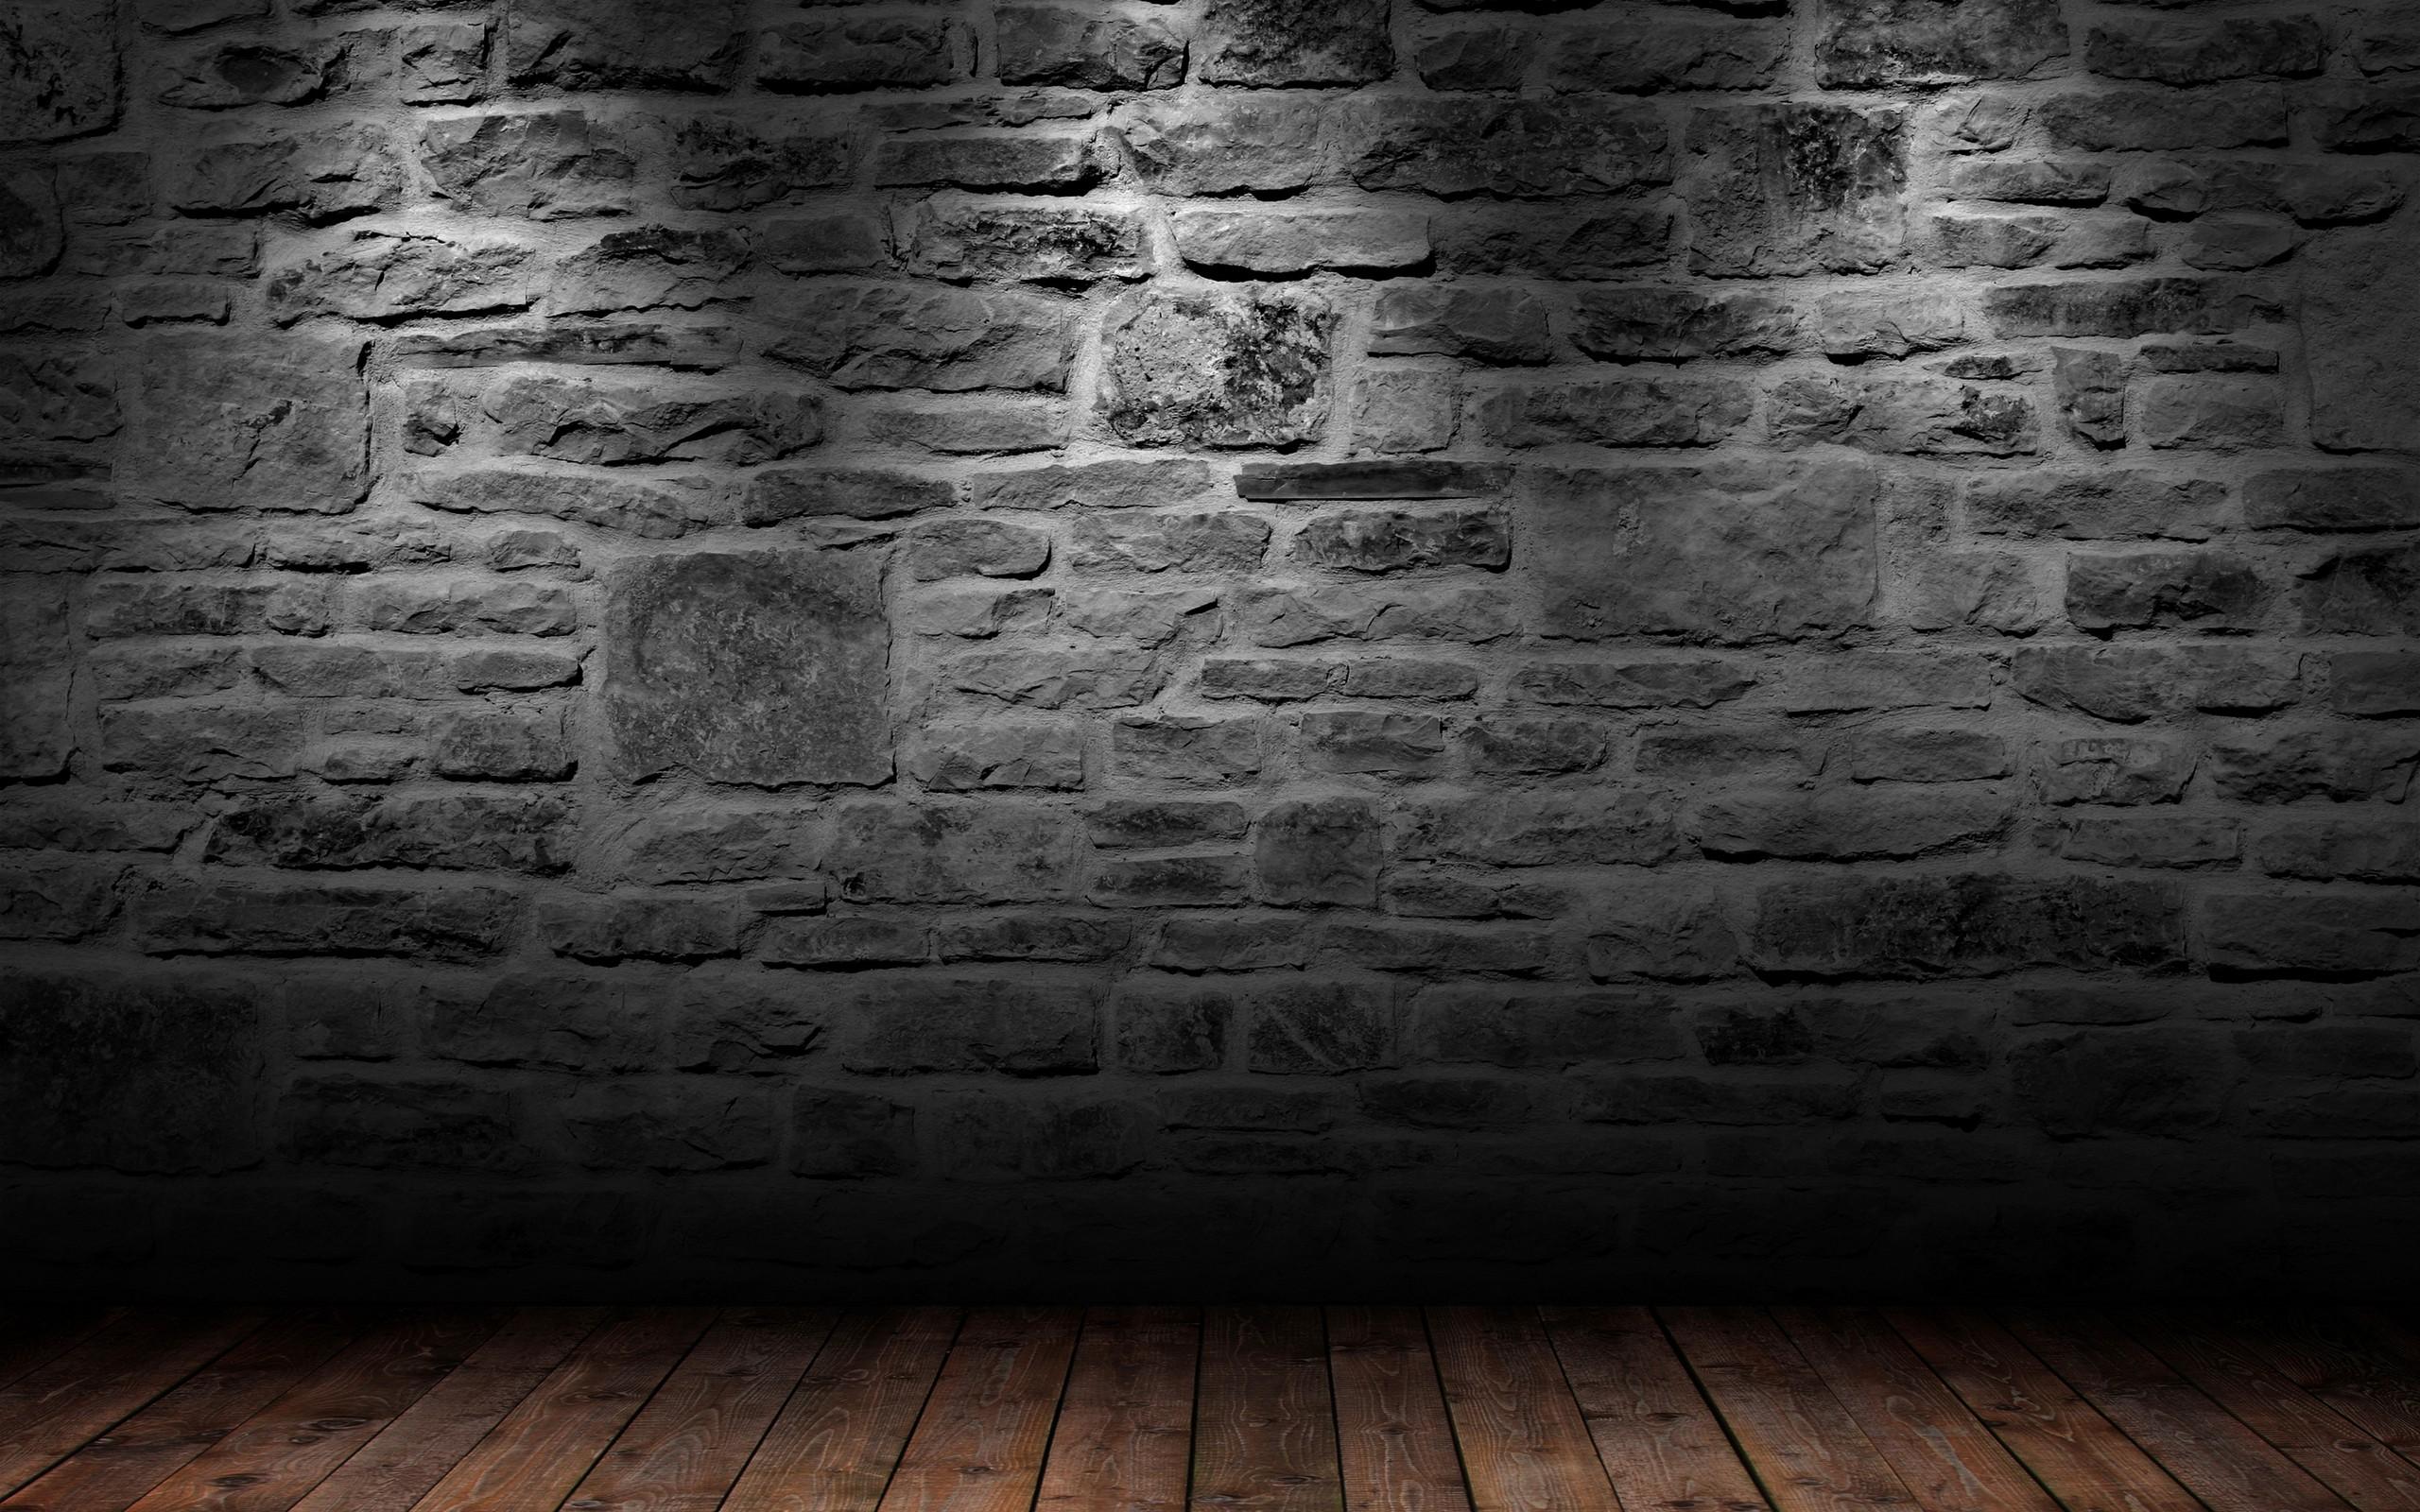 Floor 3d view wall room wood floor wallpaper 2560x1600 9261 2560x1600